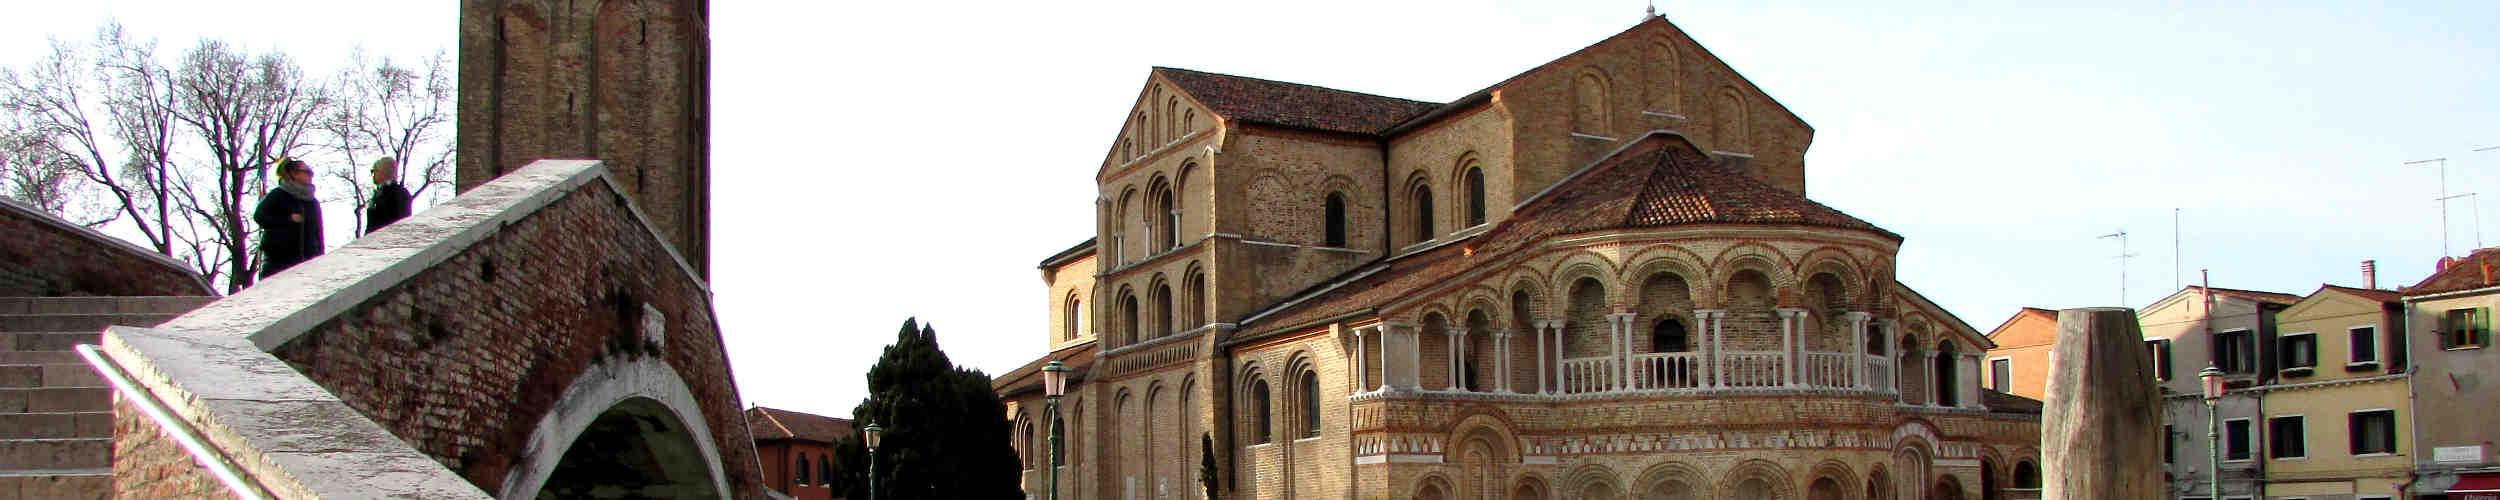 murano chiesa di san donato